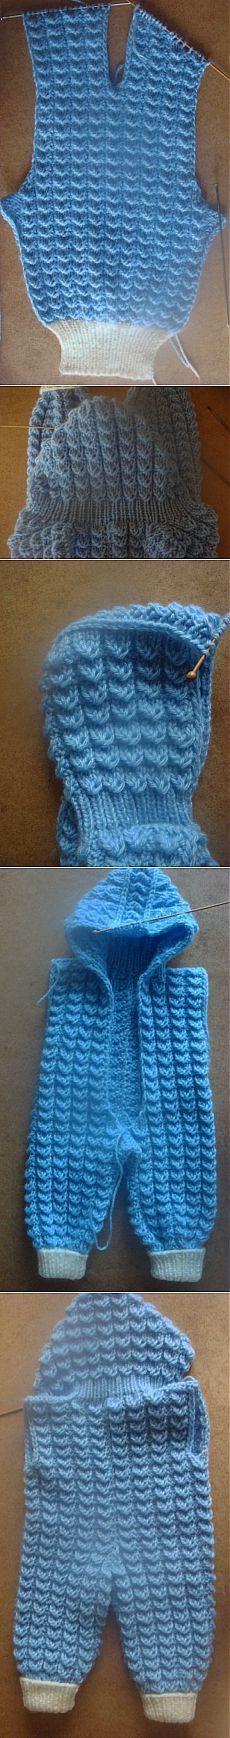 Вяжем комбинезон для малыша спицами - МК | Вязание крючком и спицами